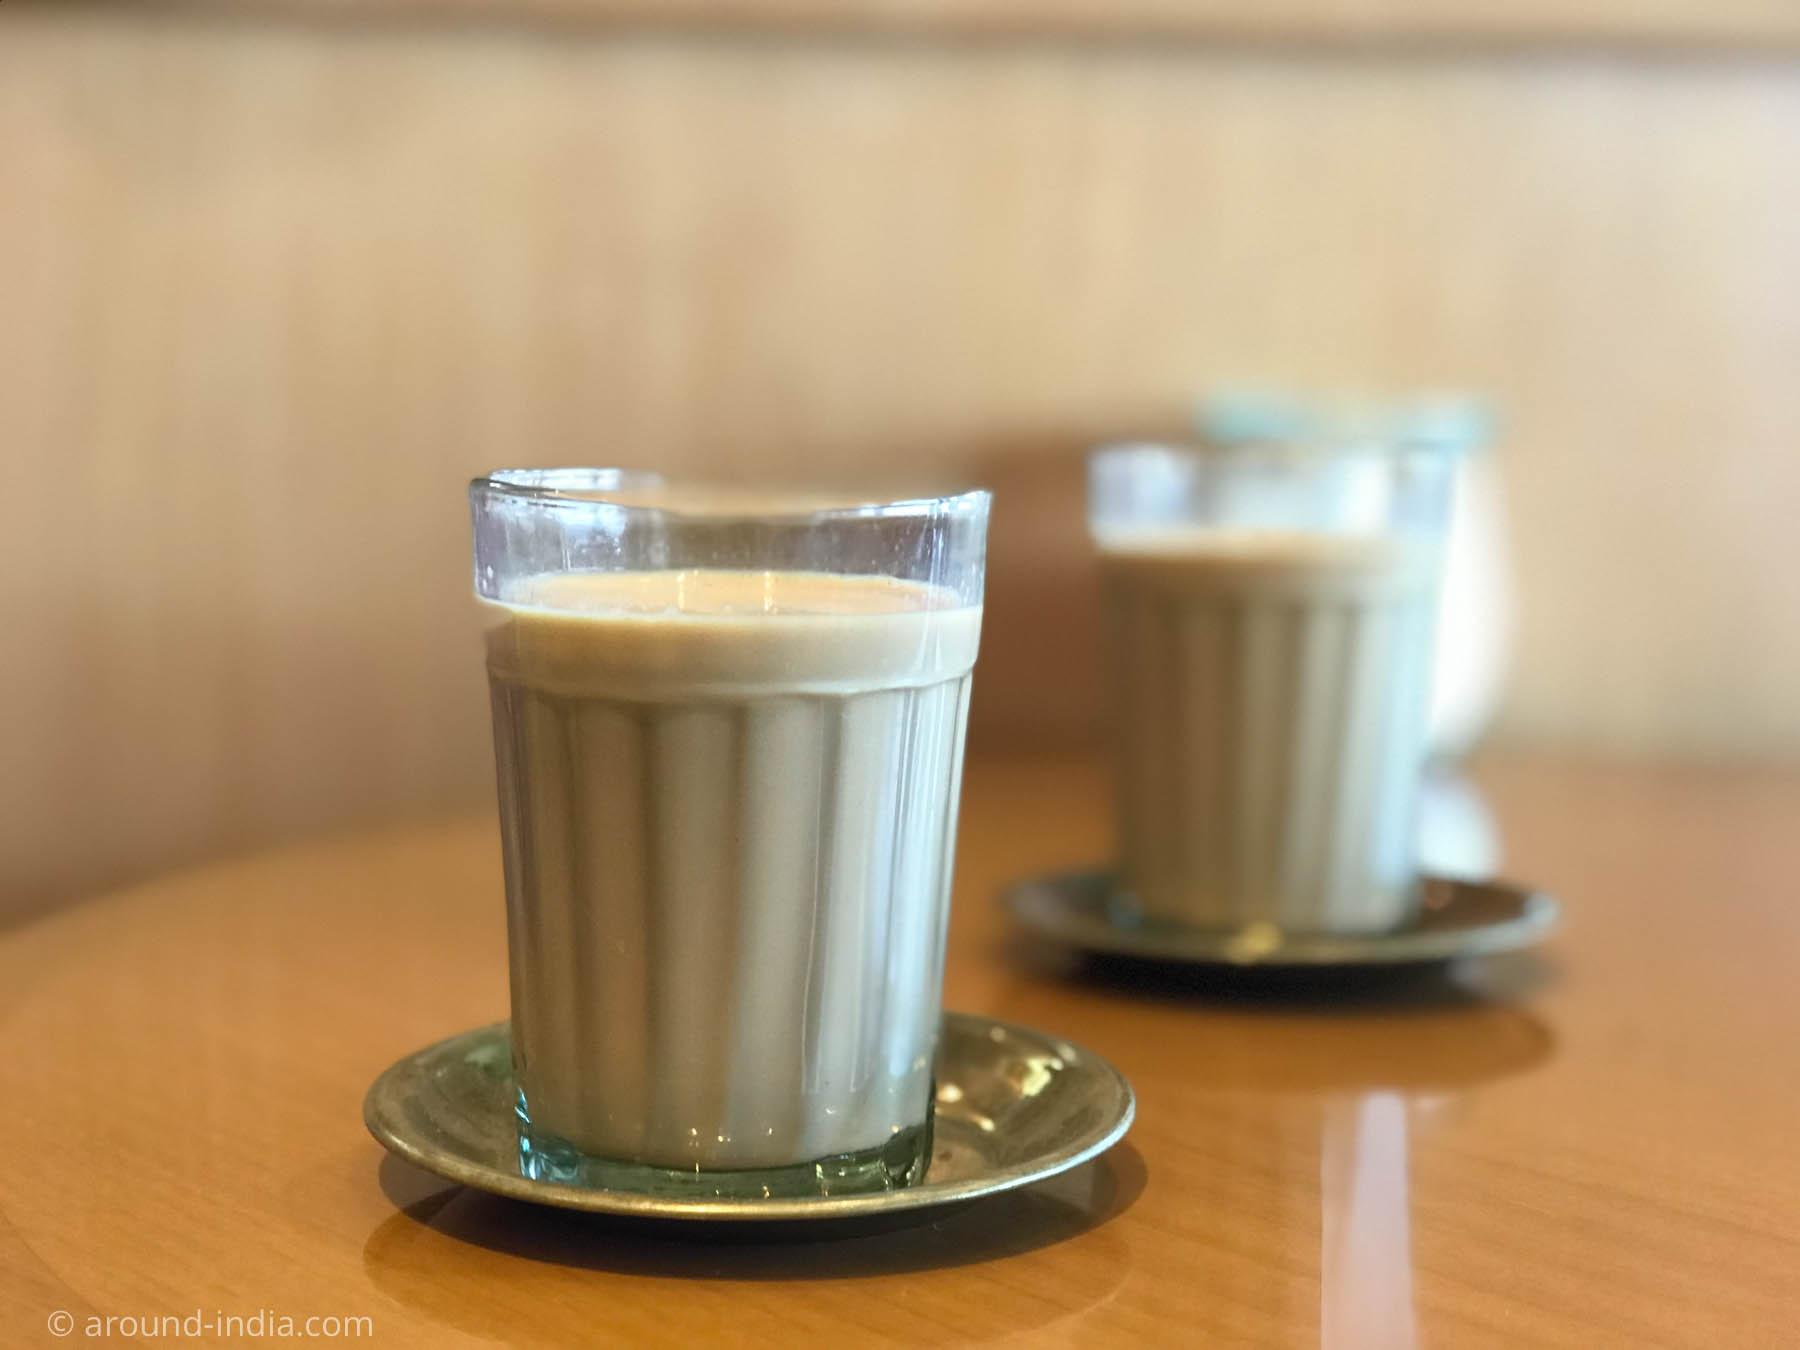 【 閉店 】心のチャイを求めて30年、紅茶専門店「mimi lotus ミミロータス」|鎌倉